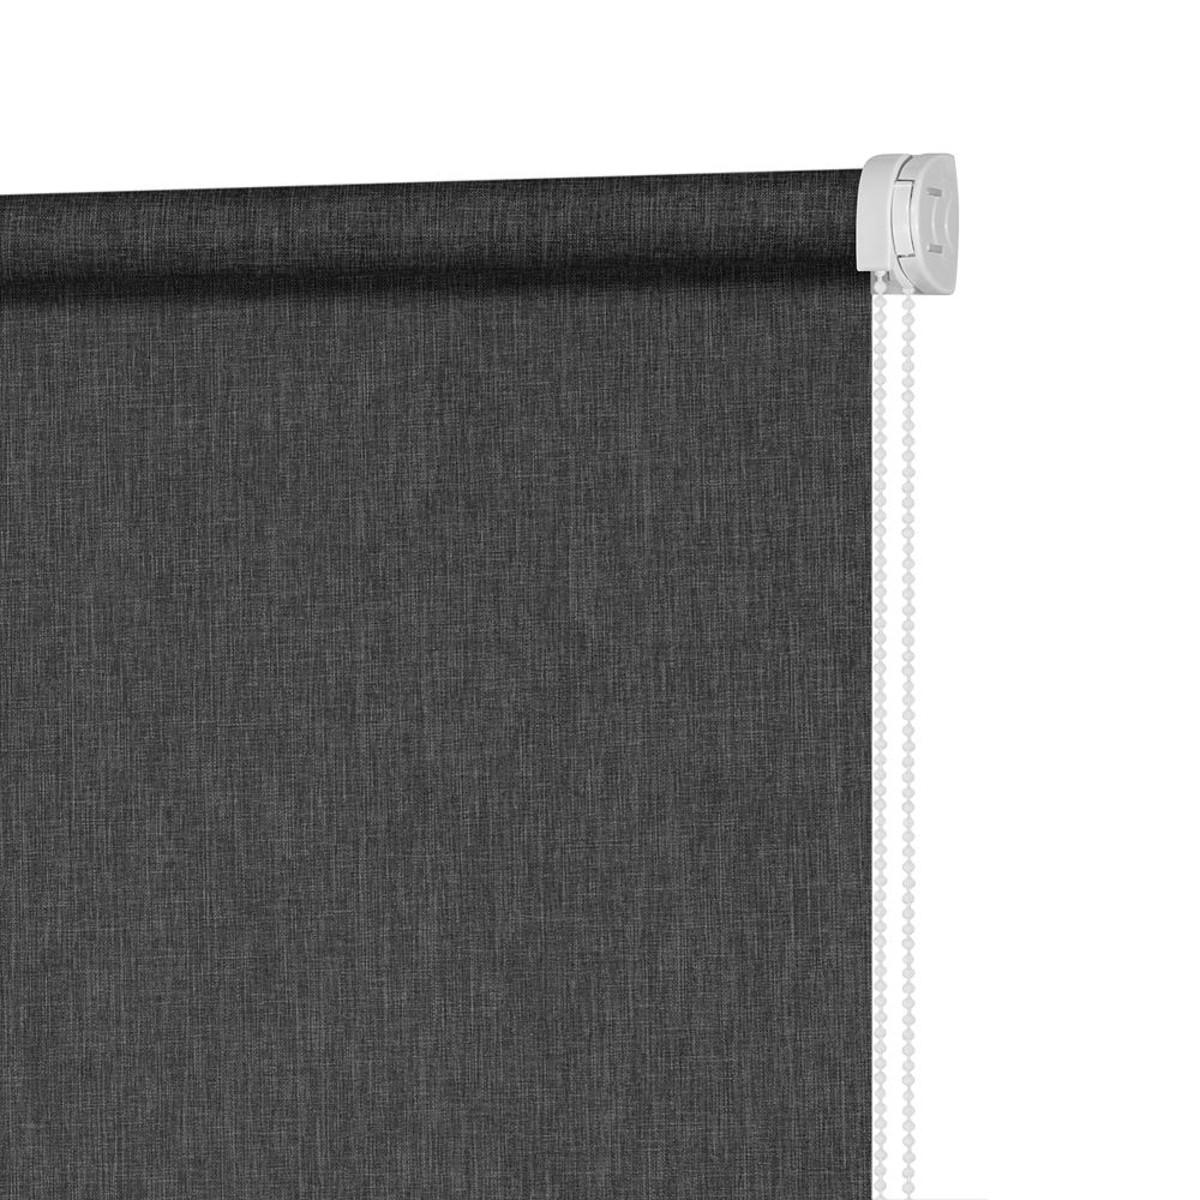 Рулонная Ора Decofest Меланж 80Х160 Цвет Серый